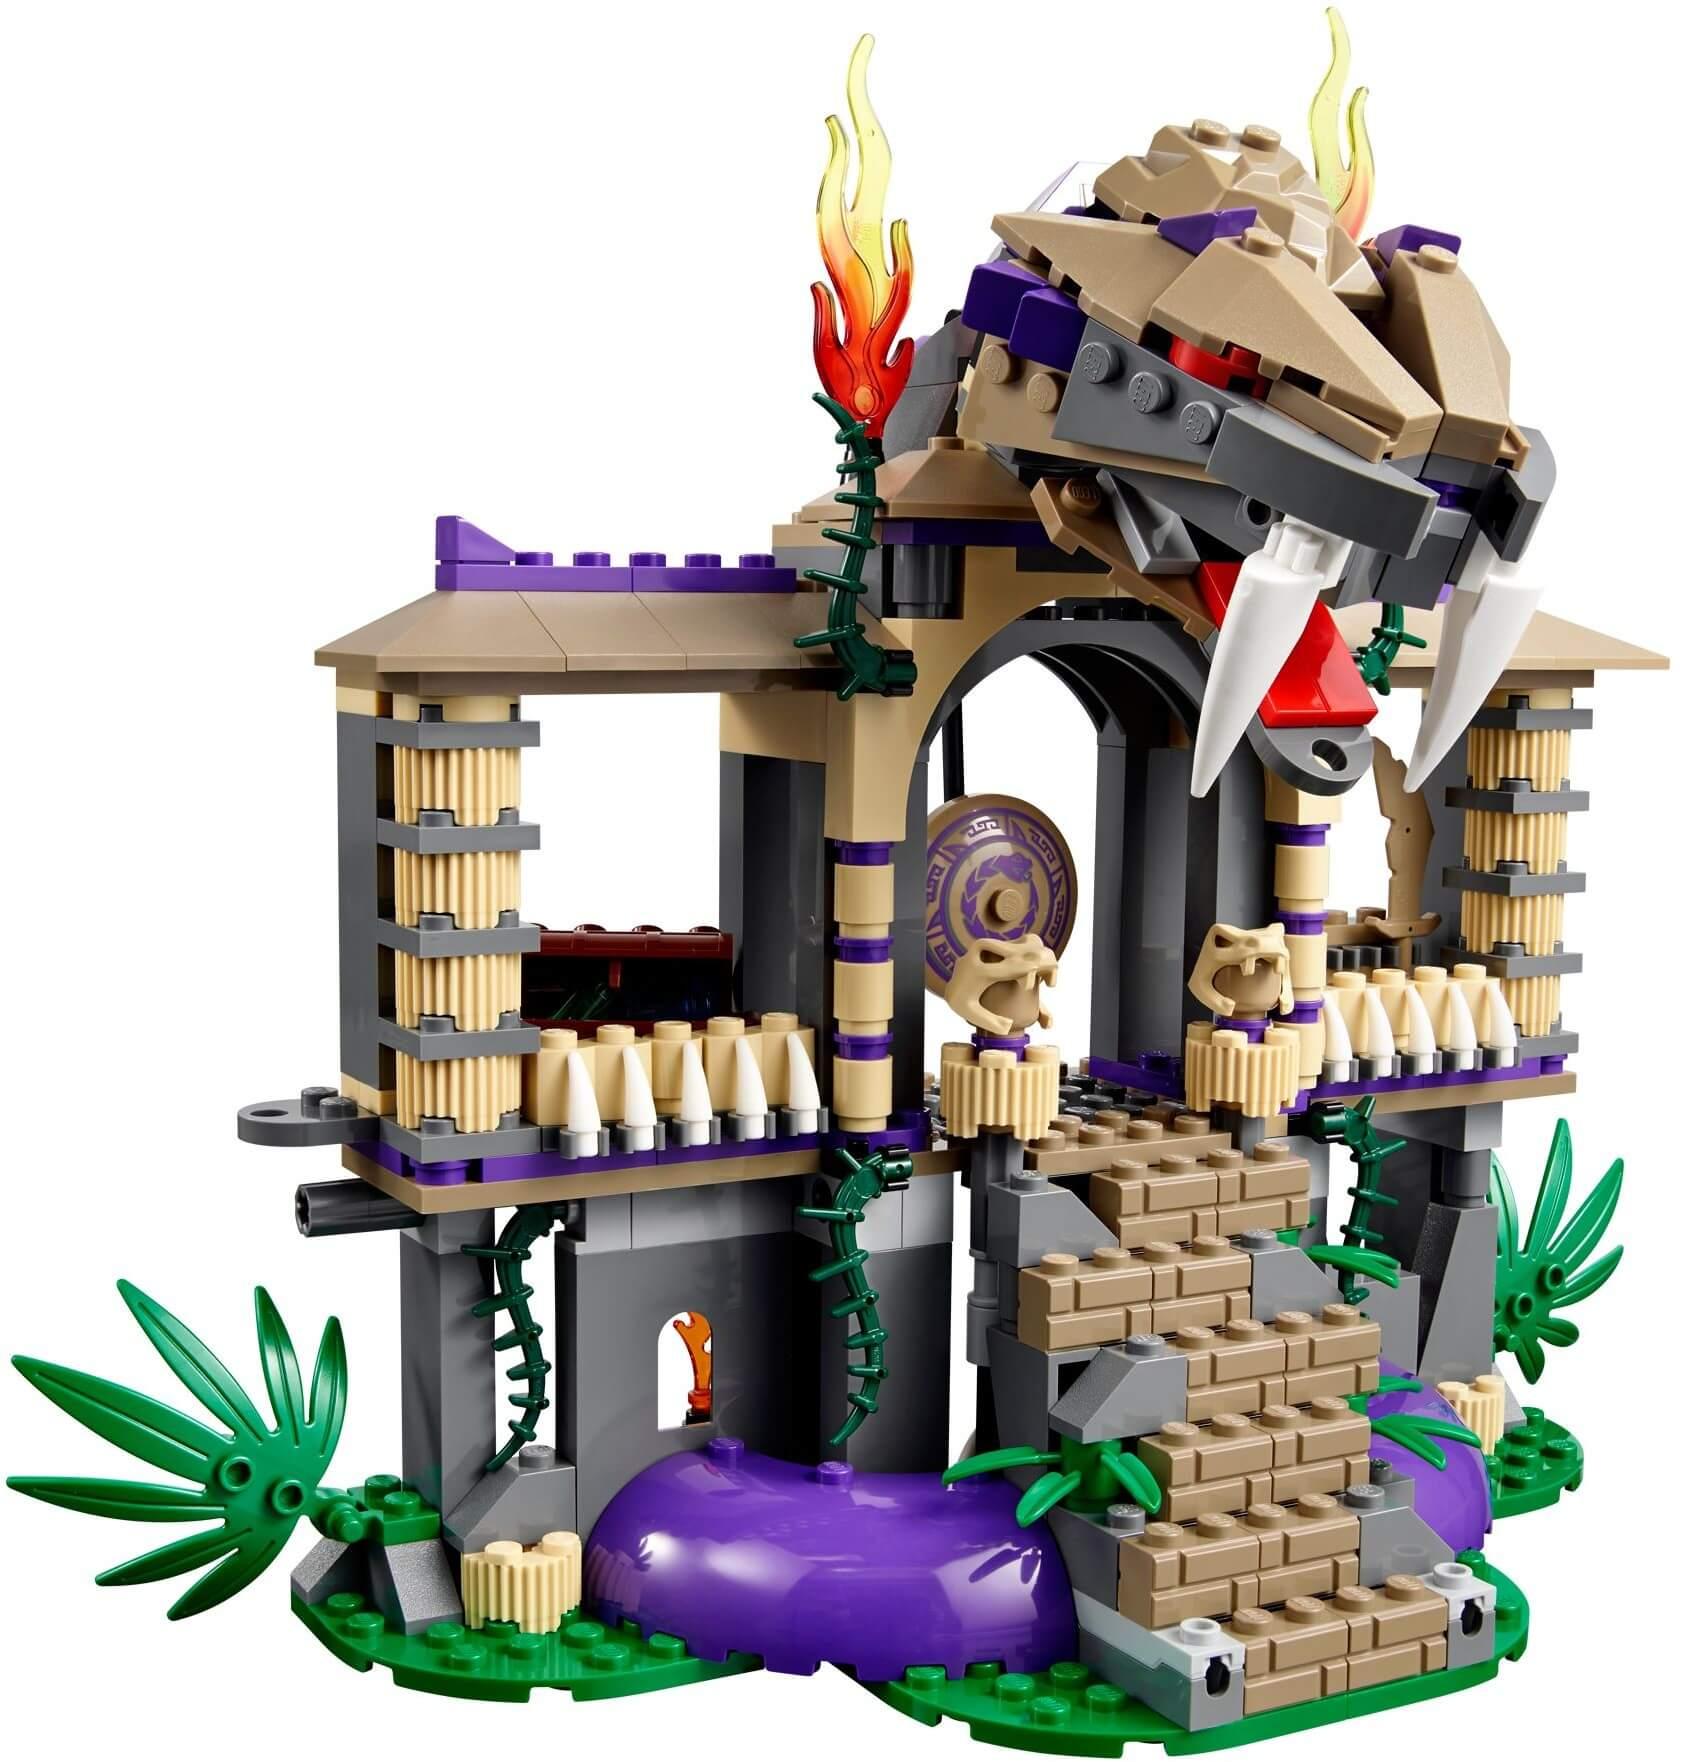 Mua đồ chơi LEGO 70749 - LEGO Ninjago 70749 - Trận chiến tại Ngôi đền Rắn (LEGO Ninjago Enter the Serpent 70749)